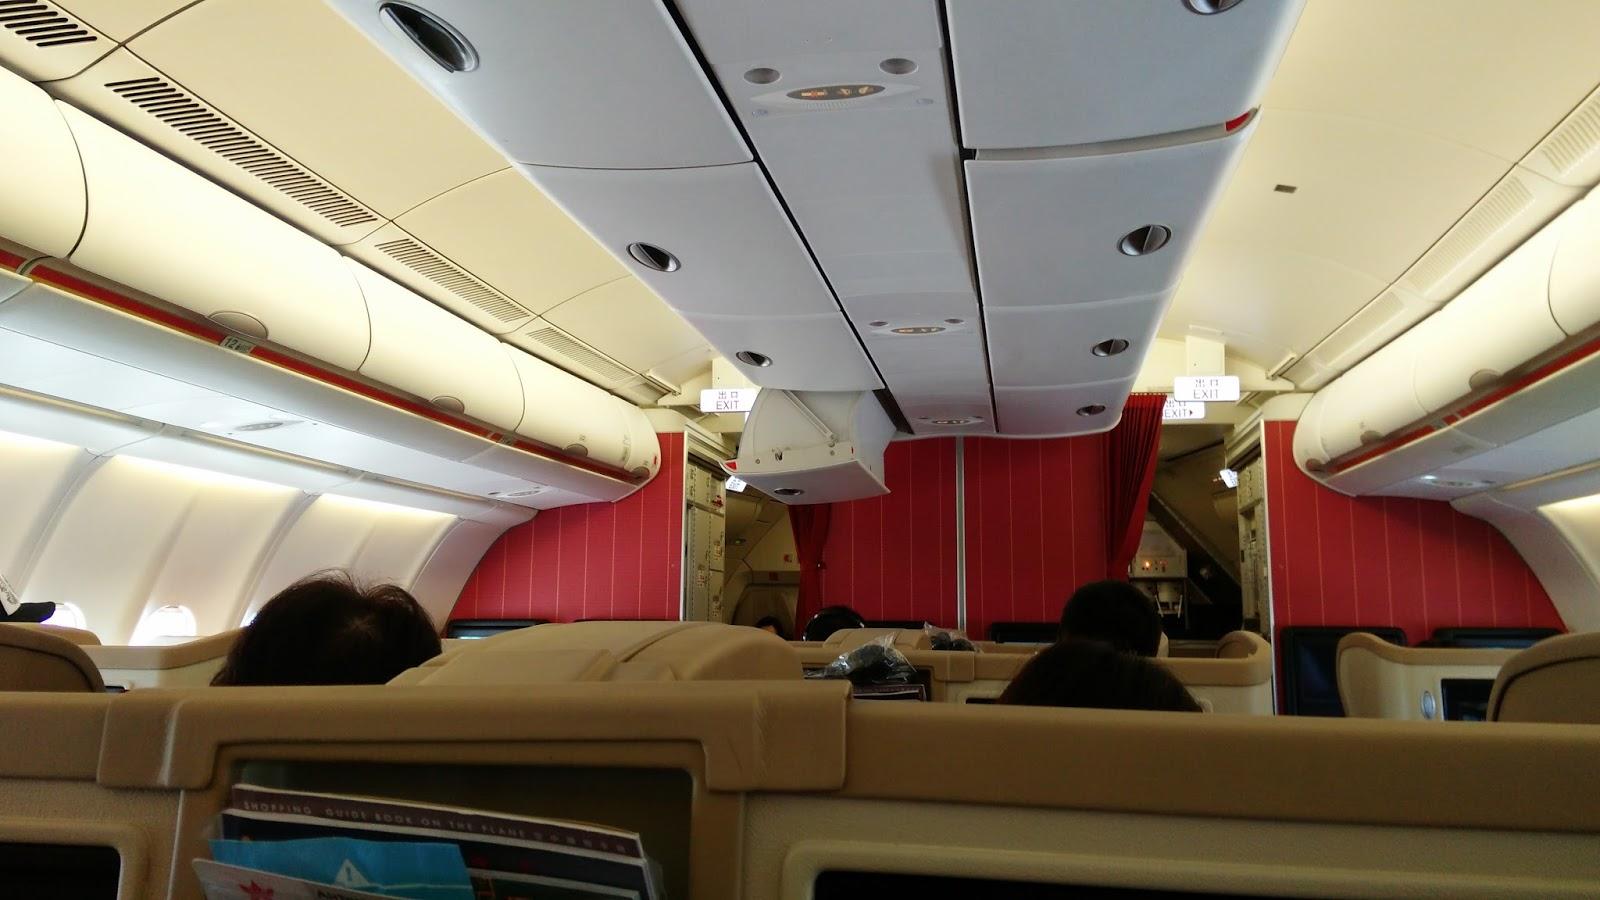 黑老闆說︱香港航空A330-300商務艙_落地時發生上次搭國泰一樣的狀況,行李櫃震開了,行李砸下來很危險。